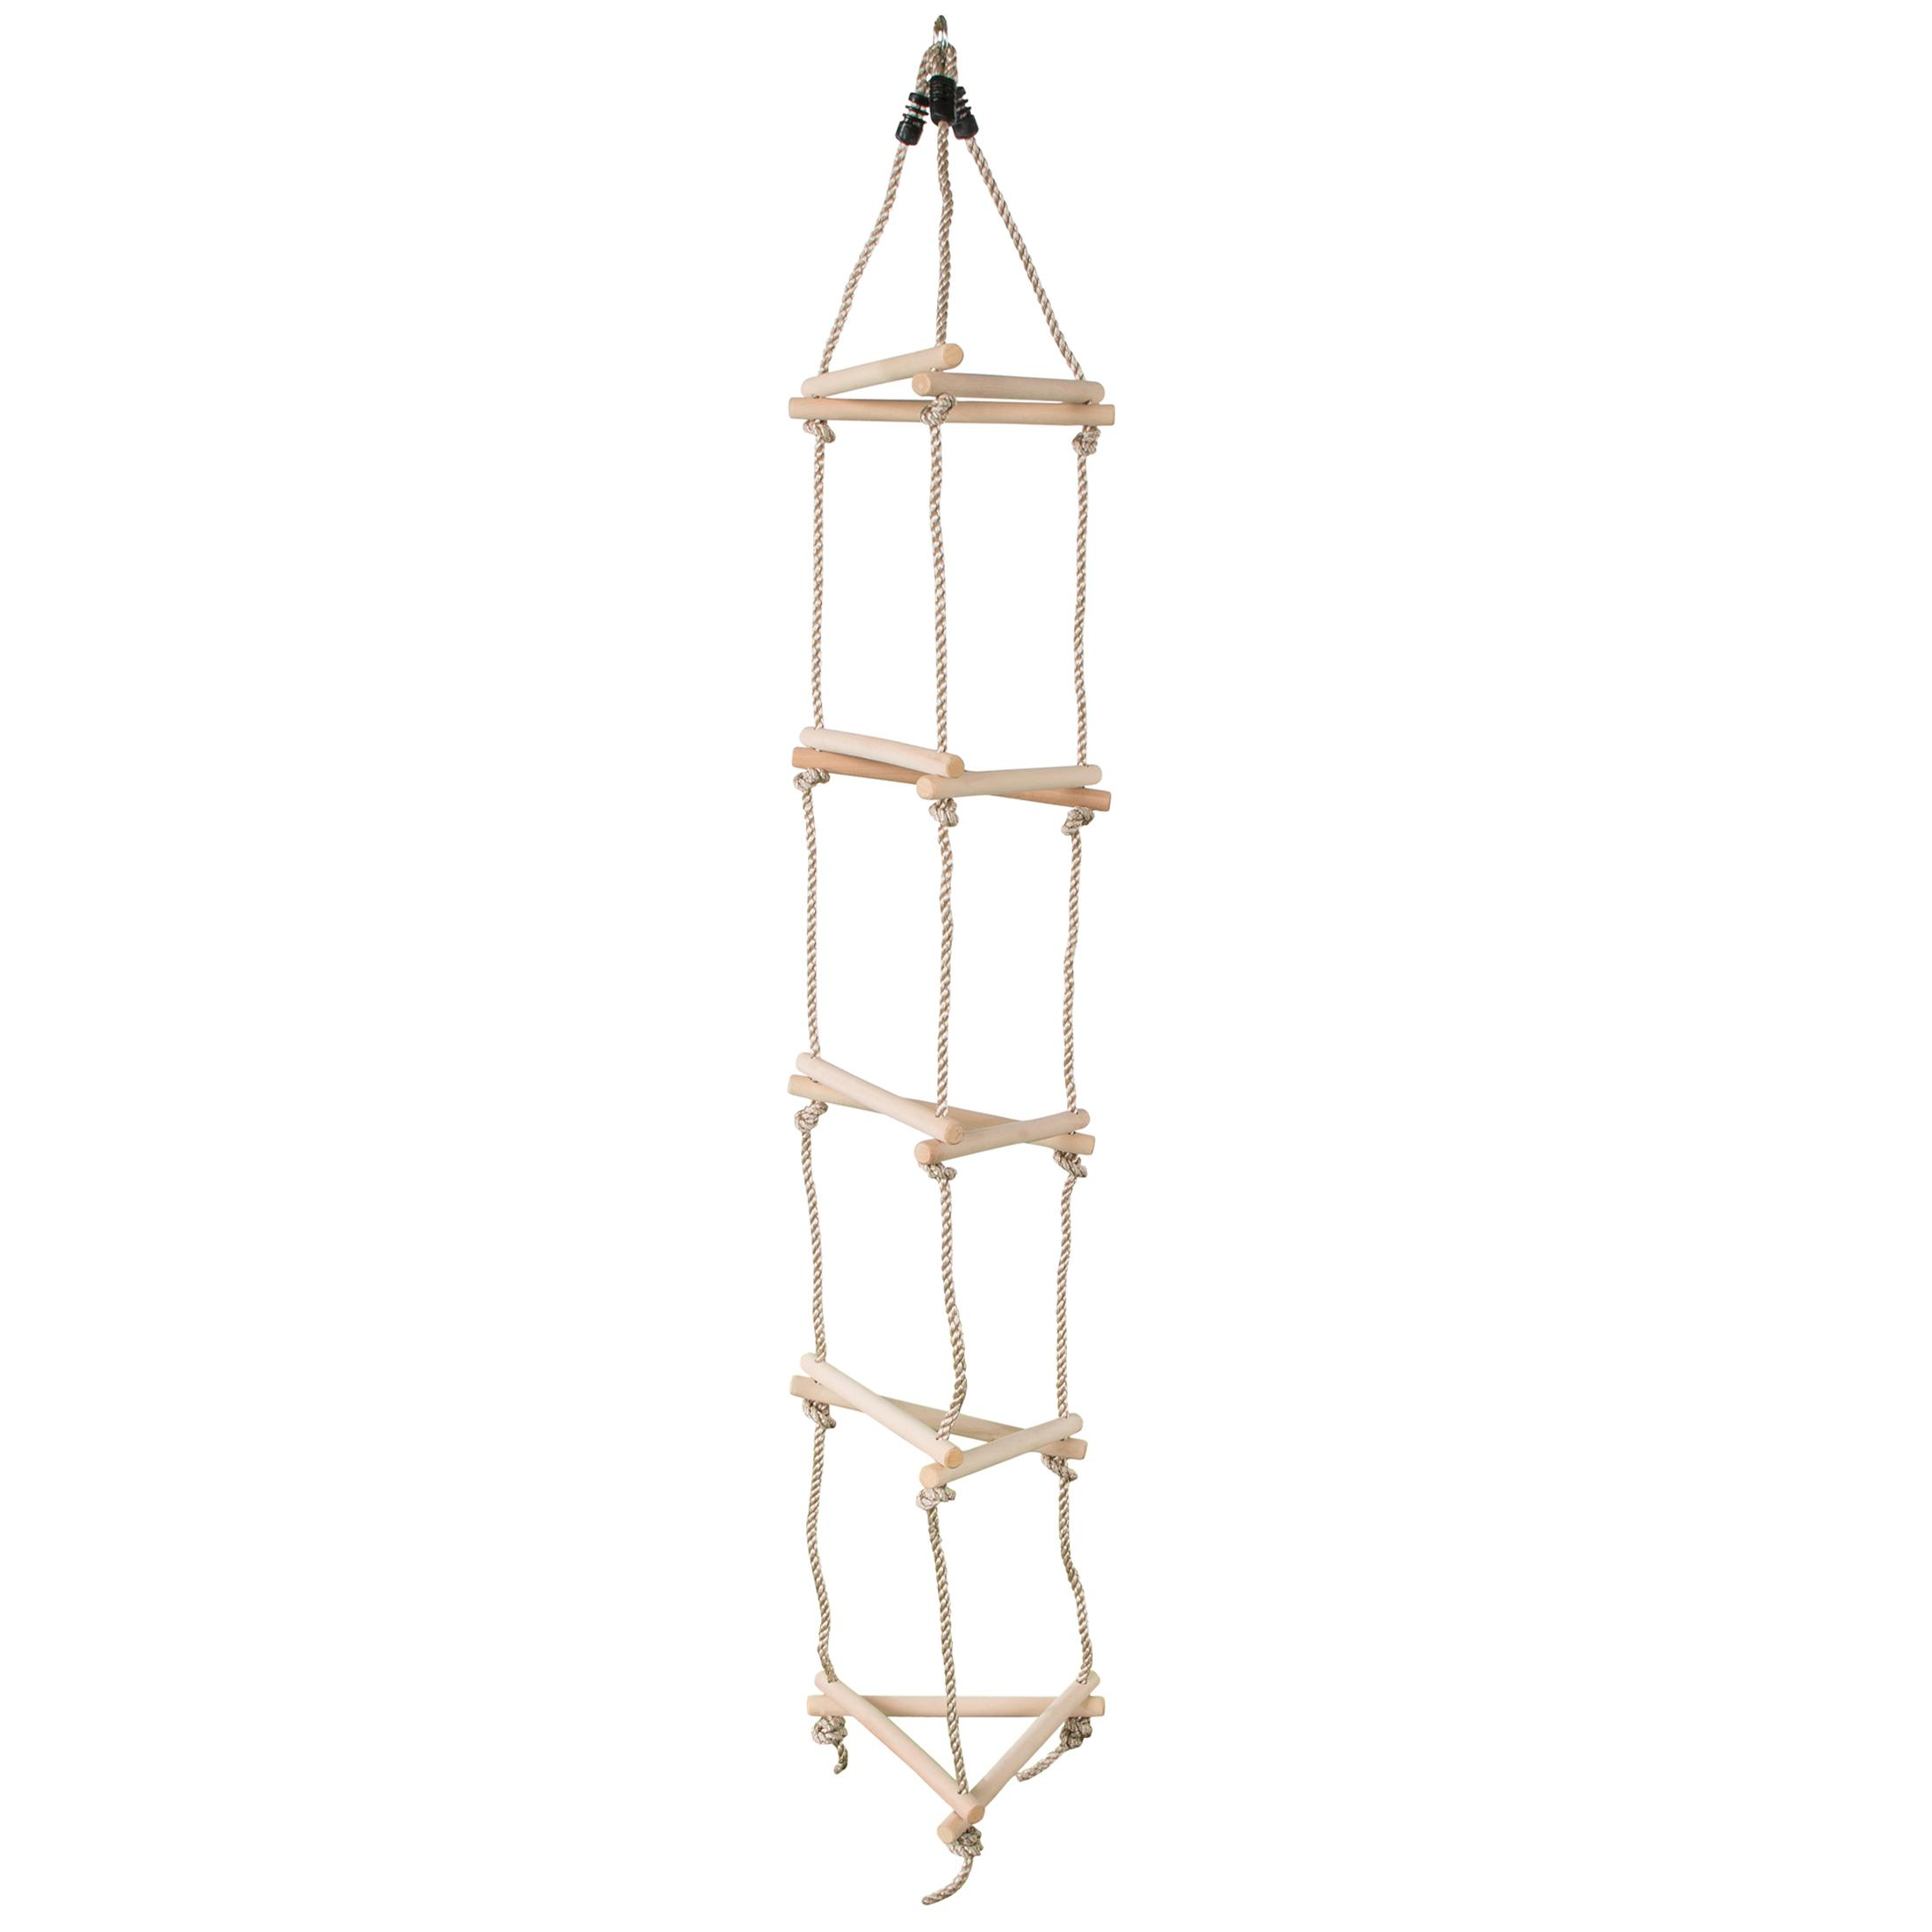 para disfrutar escalando en el interior y el exterior esta escalera se puede utilizar en el interior y el exterior con sus peldaos dispuestos en tringulo